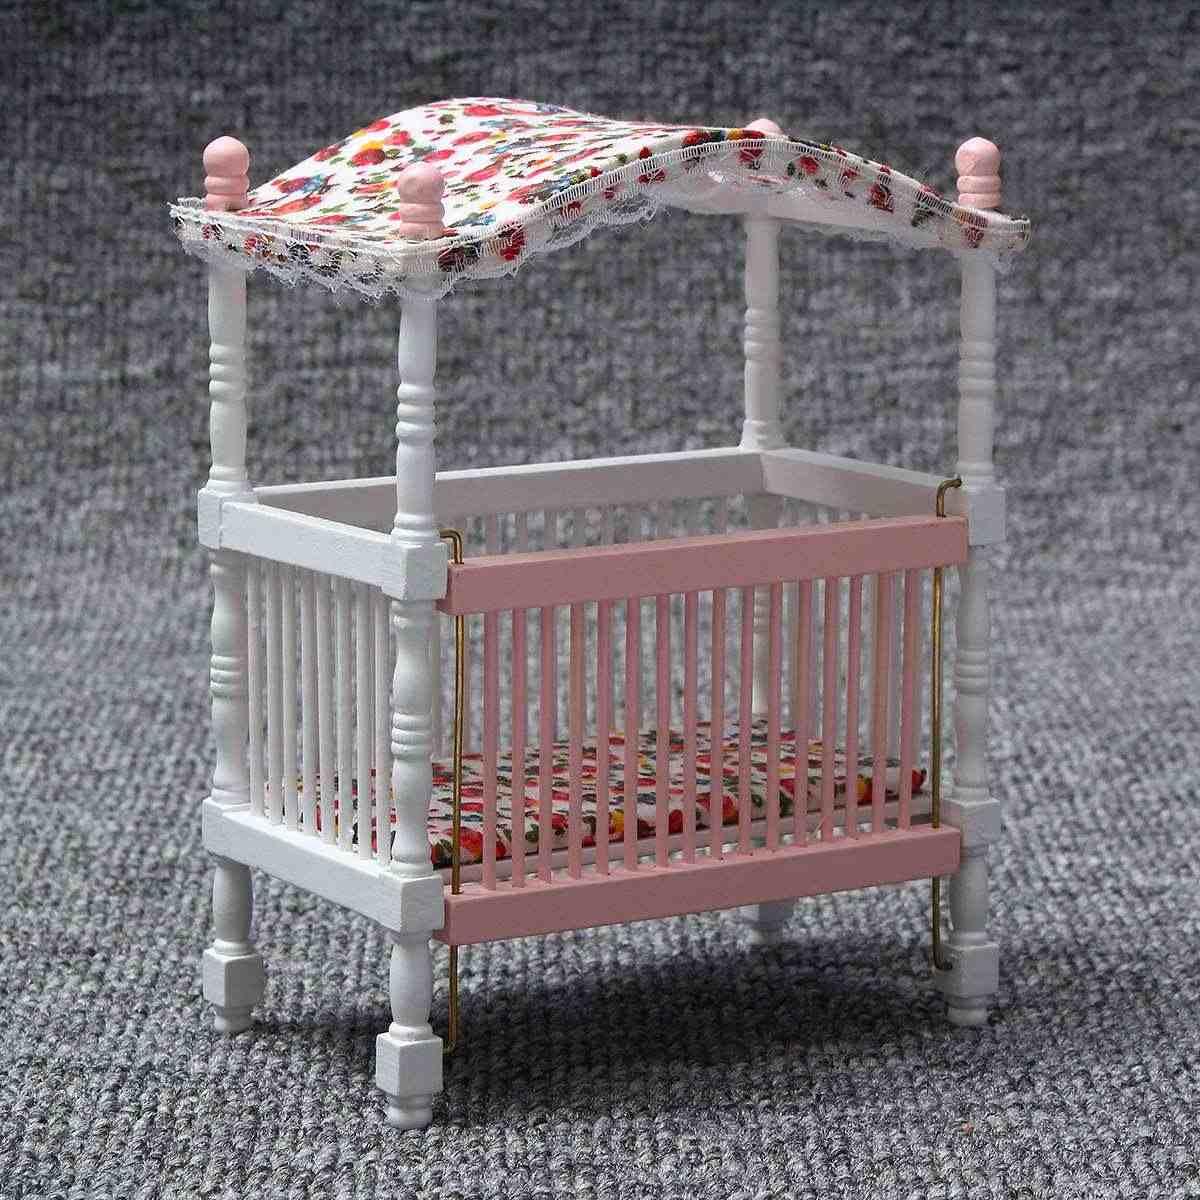 6 قطعة/المجموعة خشبية DIY دمية مصغرة أثاث غرفة نوم مجموعة ألعاب 1/12 محاكاة الأثاث لعبة مجسمة ل دمية ديكورات منزلية الوردي